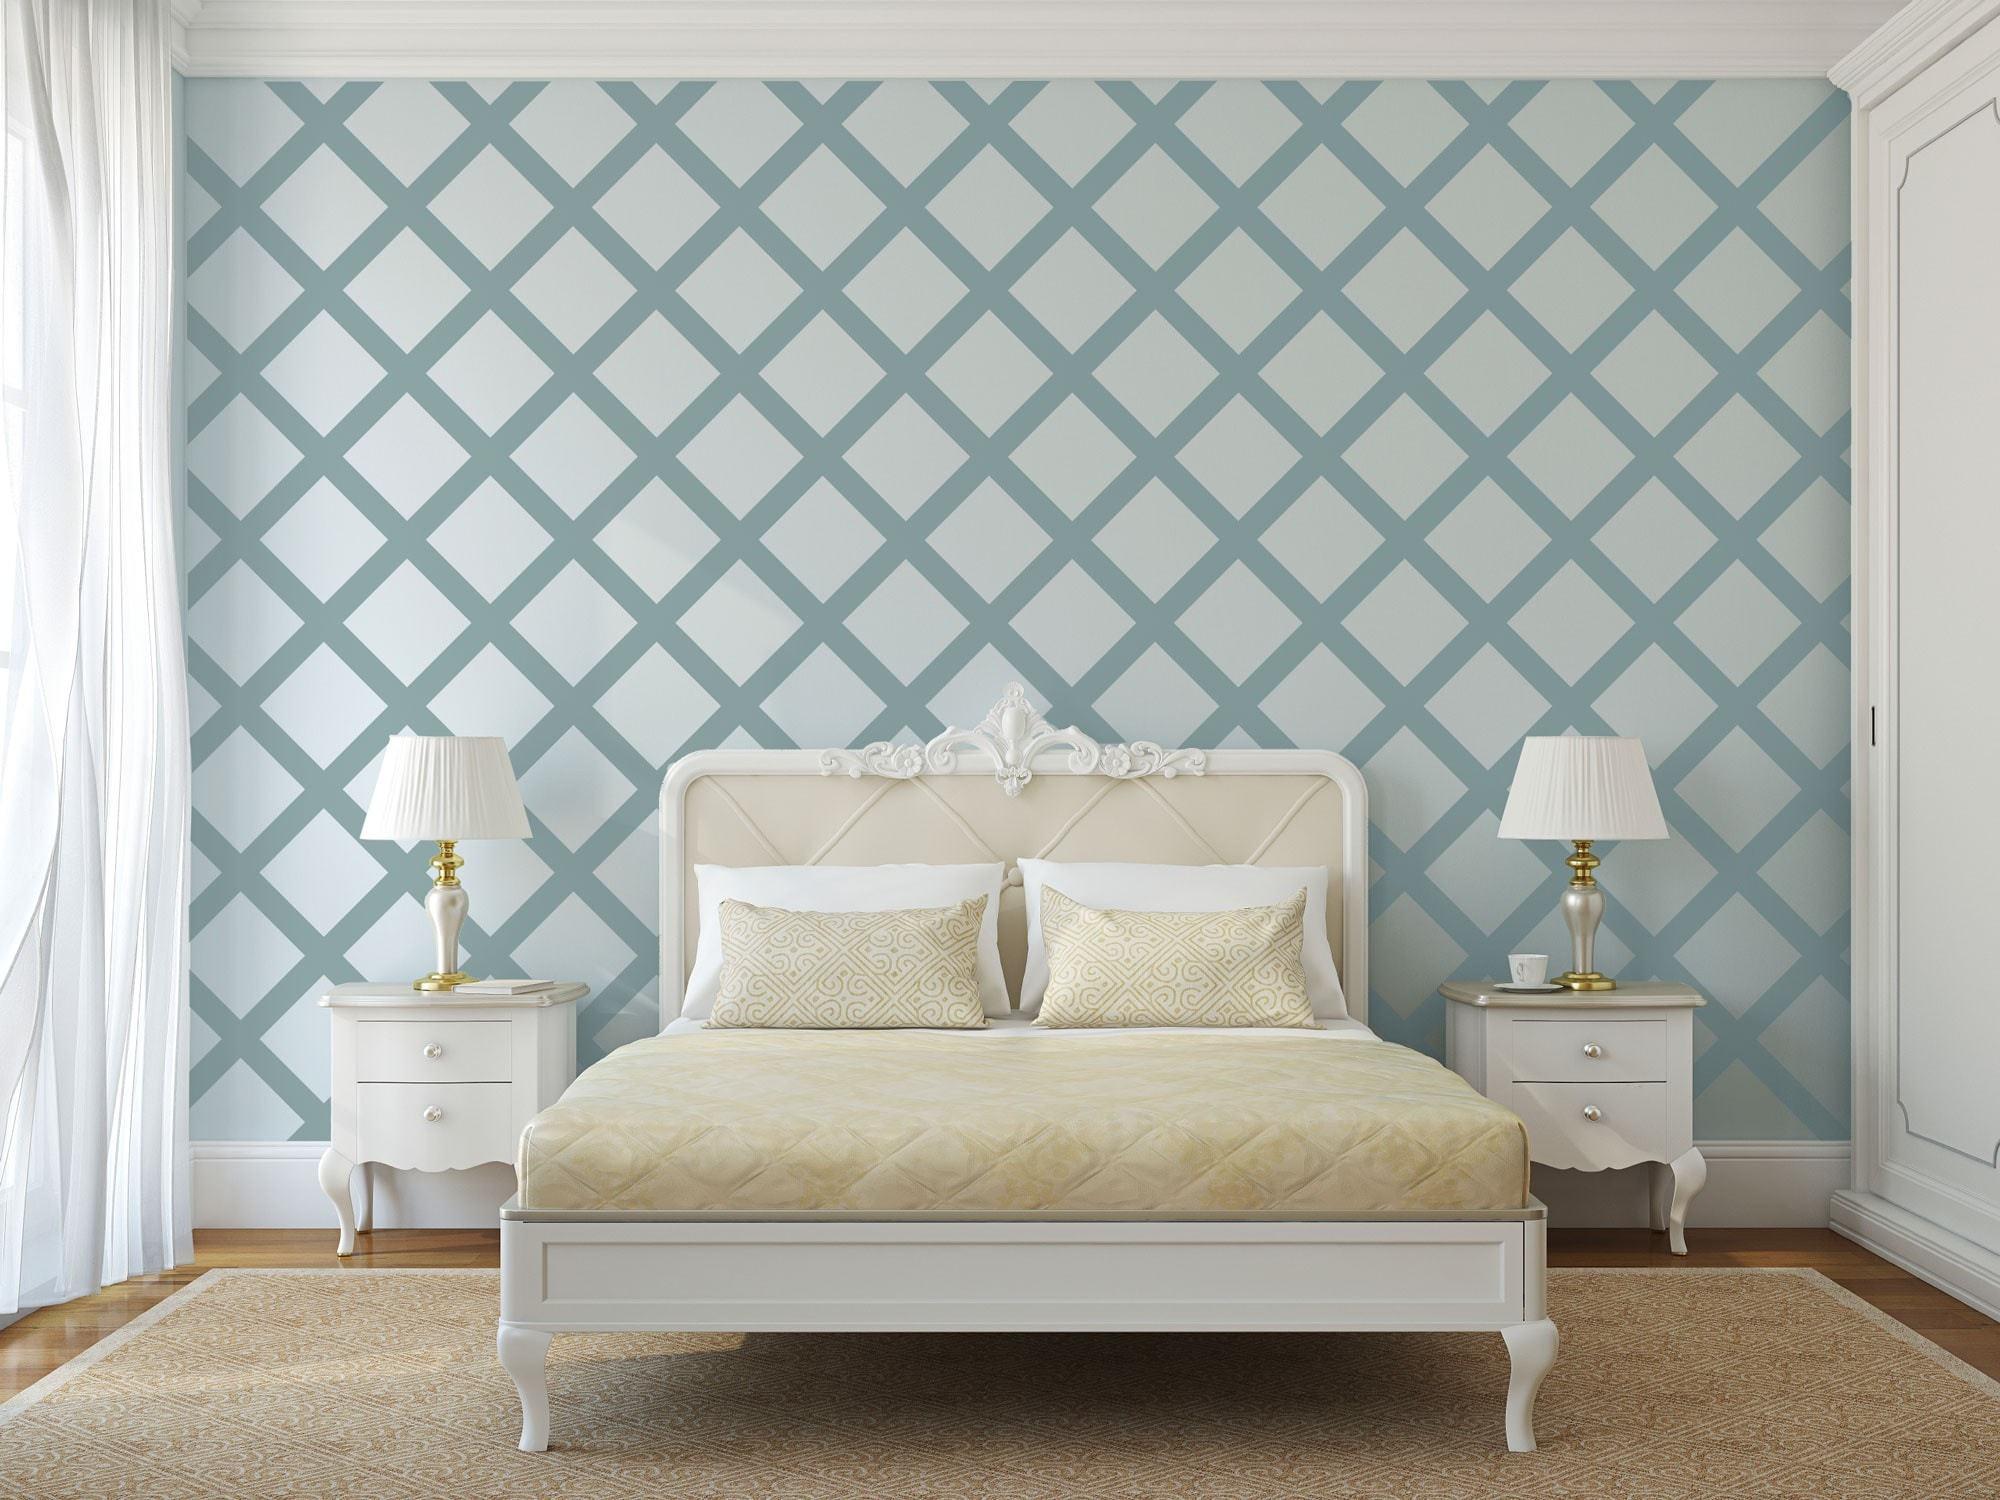 Wall Decals Master Bedroom